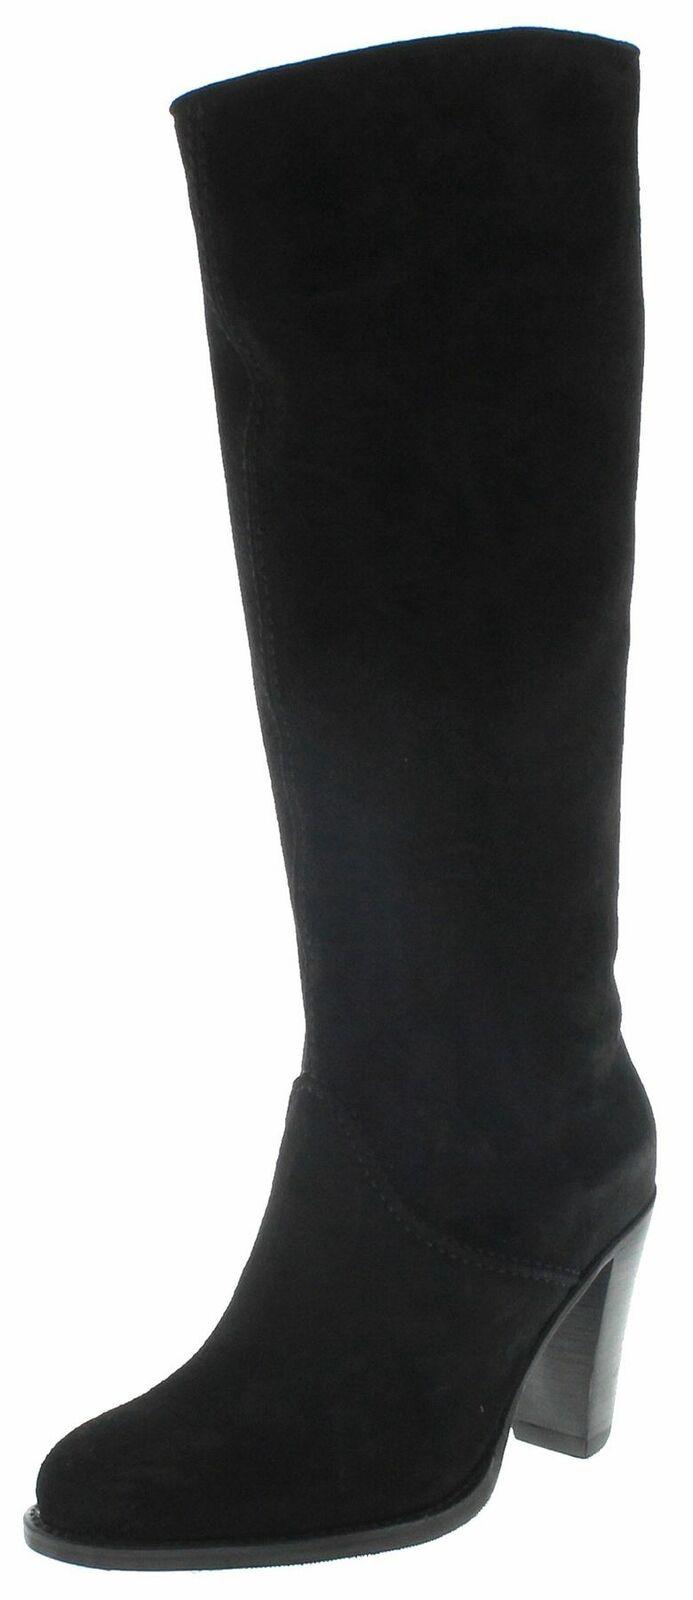 FB Fashion Stiefel SOFIA HIGH schwarz Damen Lederstiefel High-Heel Stiefel Schwarz